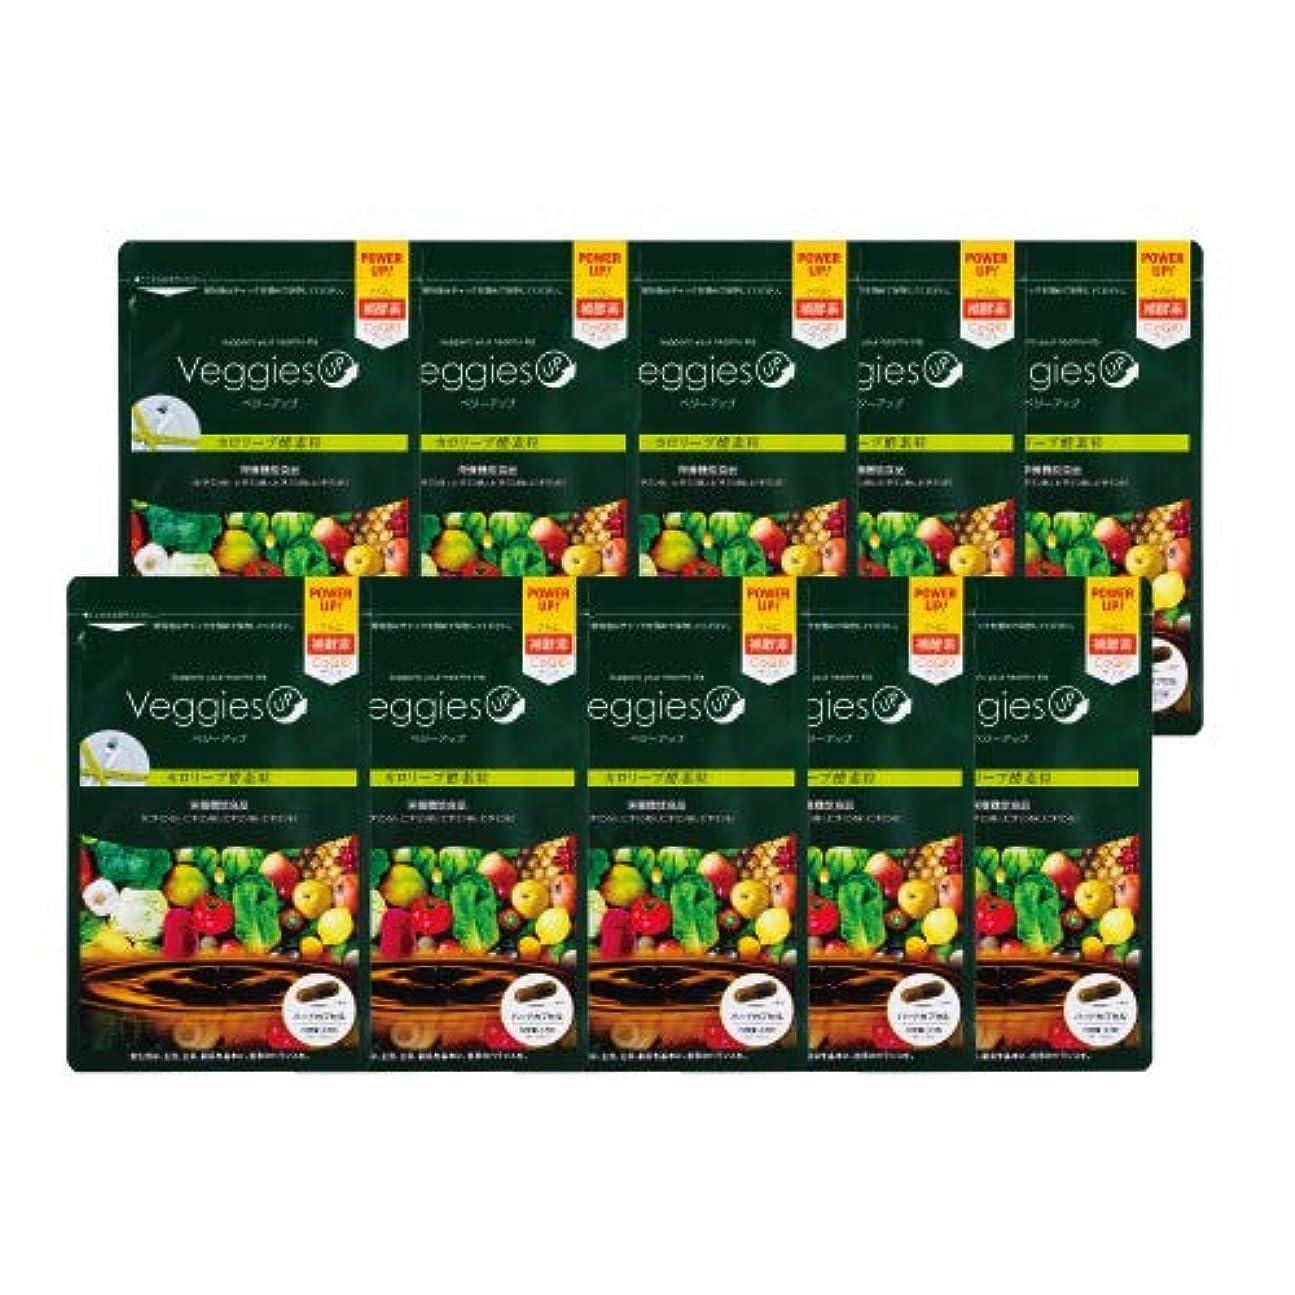 医薬パフ激しいベジーアップ酵素粒カロリーブ 93粒 10袋セット ダイエット 酵素サプリ 酵素ダイエット サラシア コエンザイムQ10 竹炭